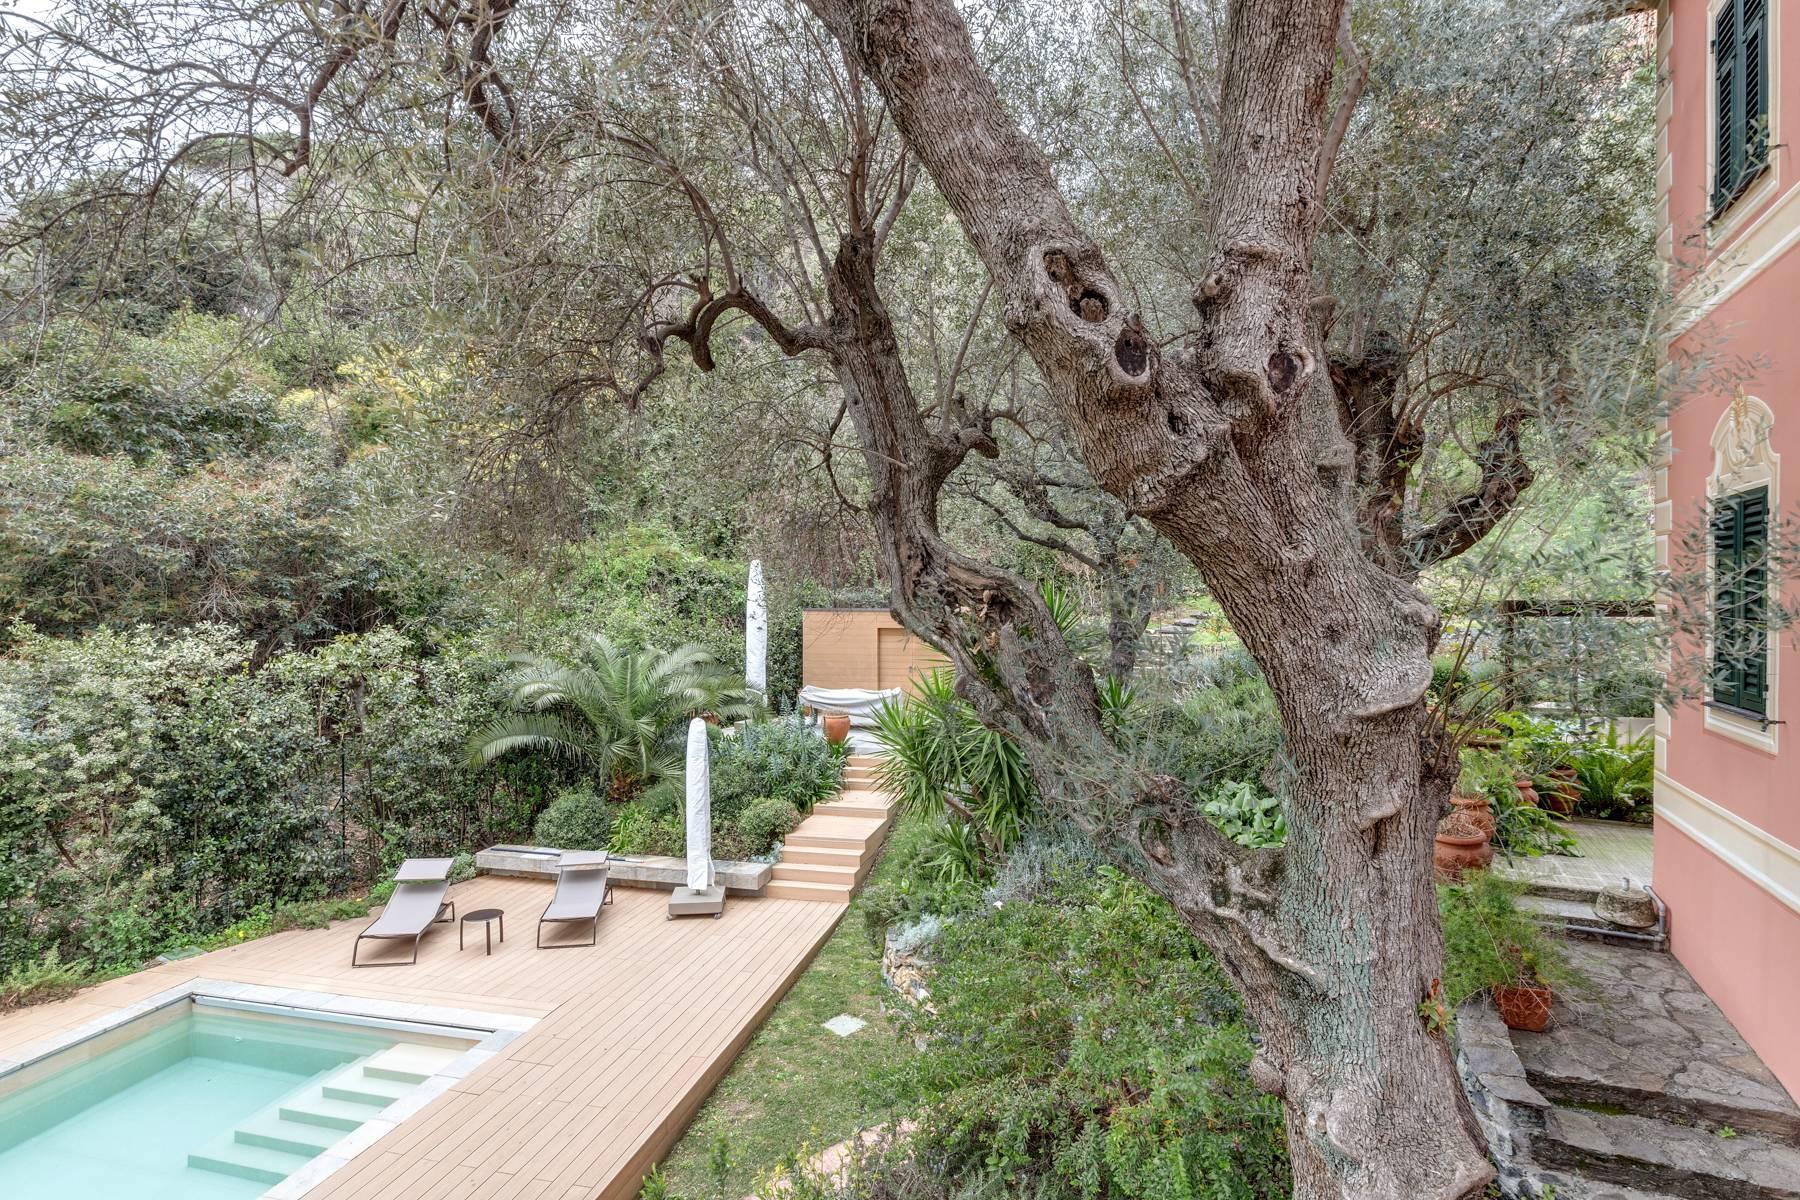 Storica villa fronte mare con piscina - 21